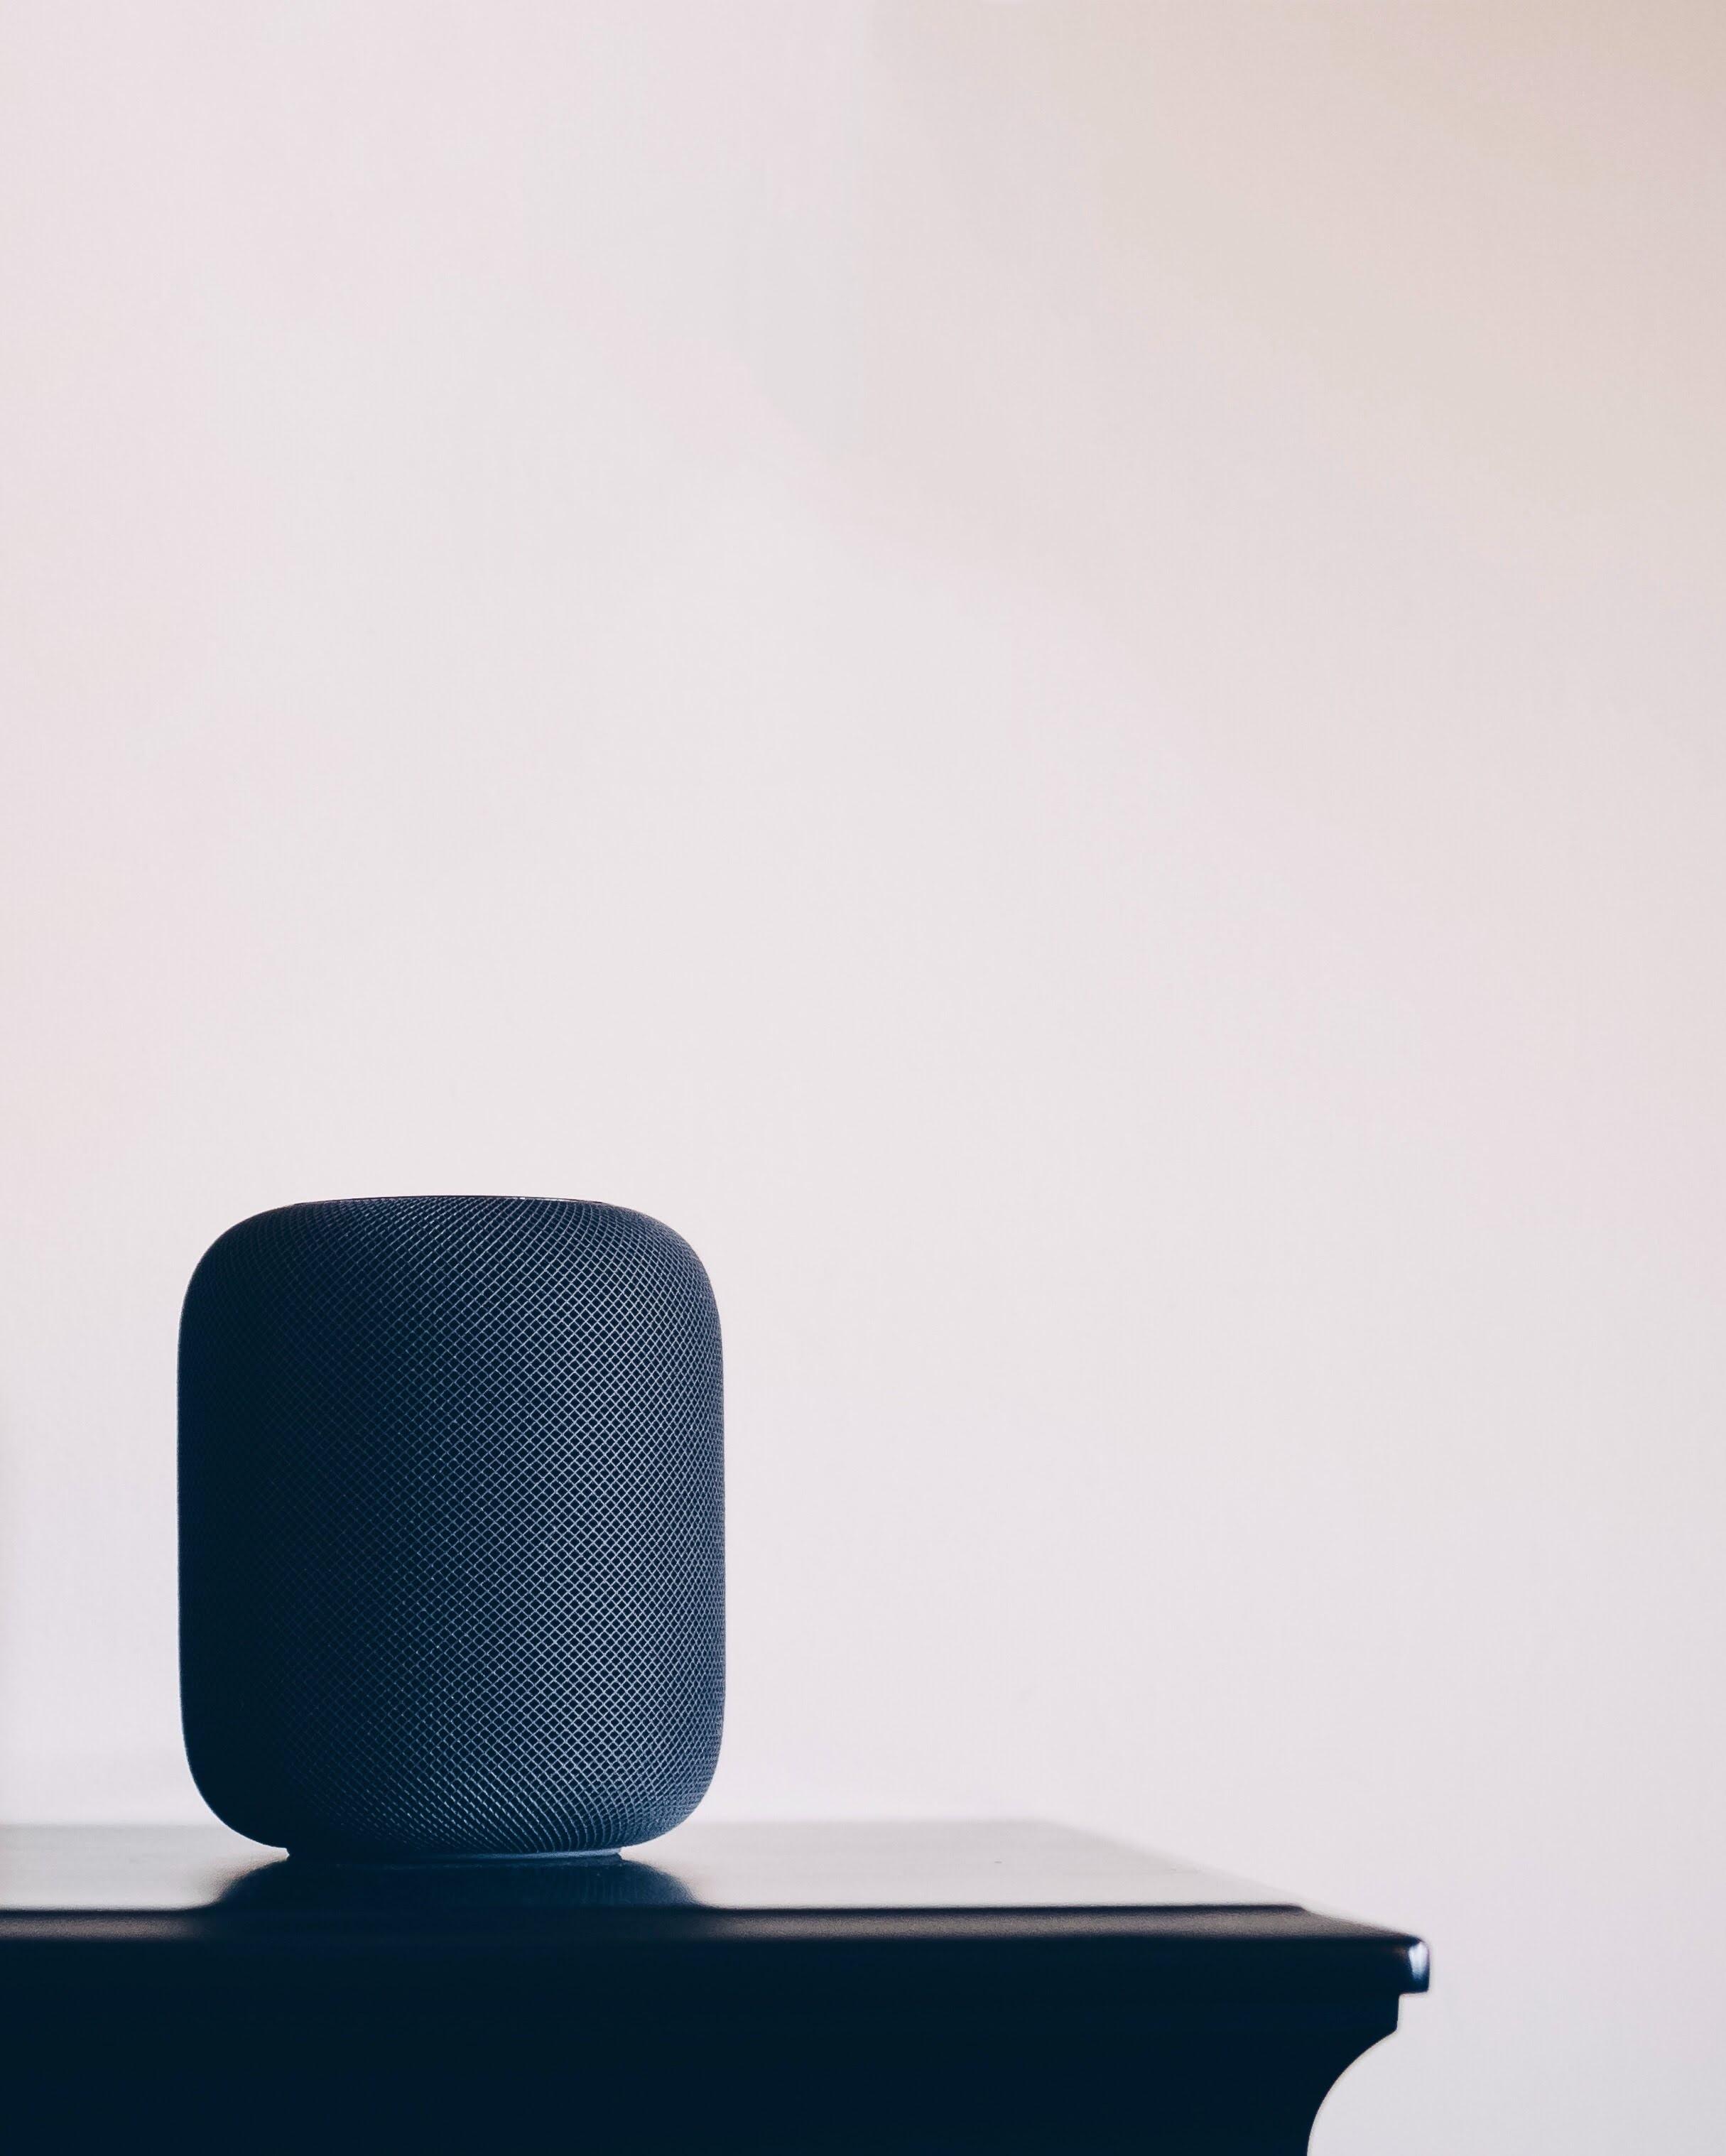 black Apple HomePod speaker on table